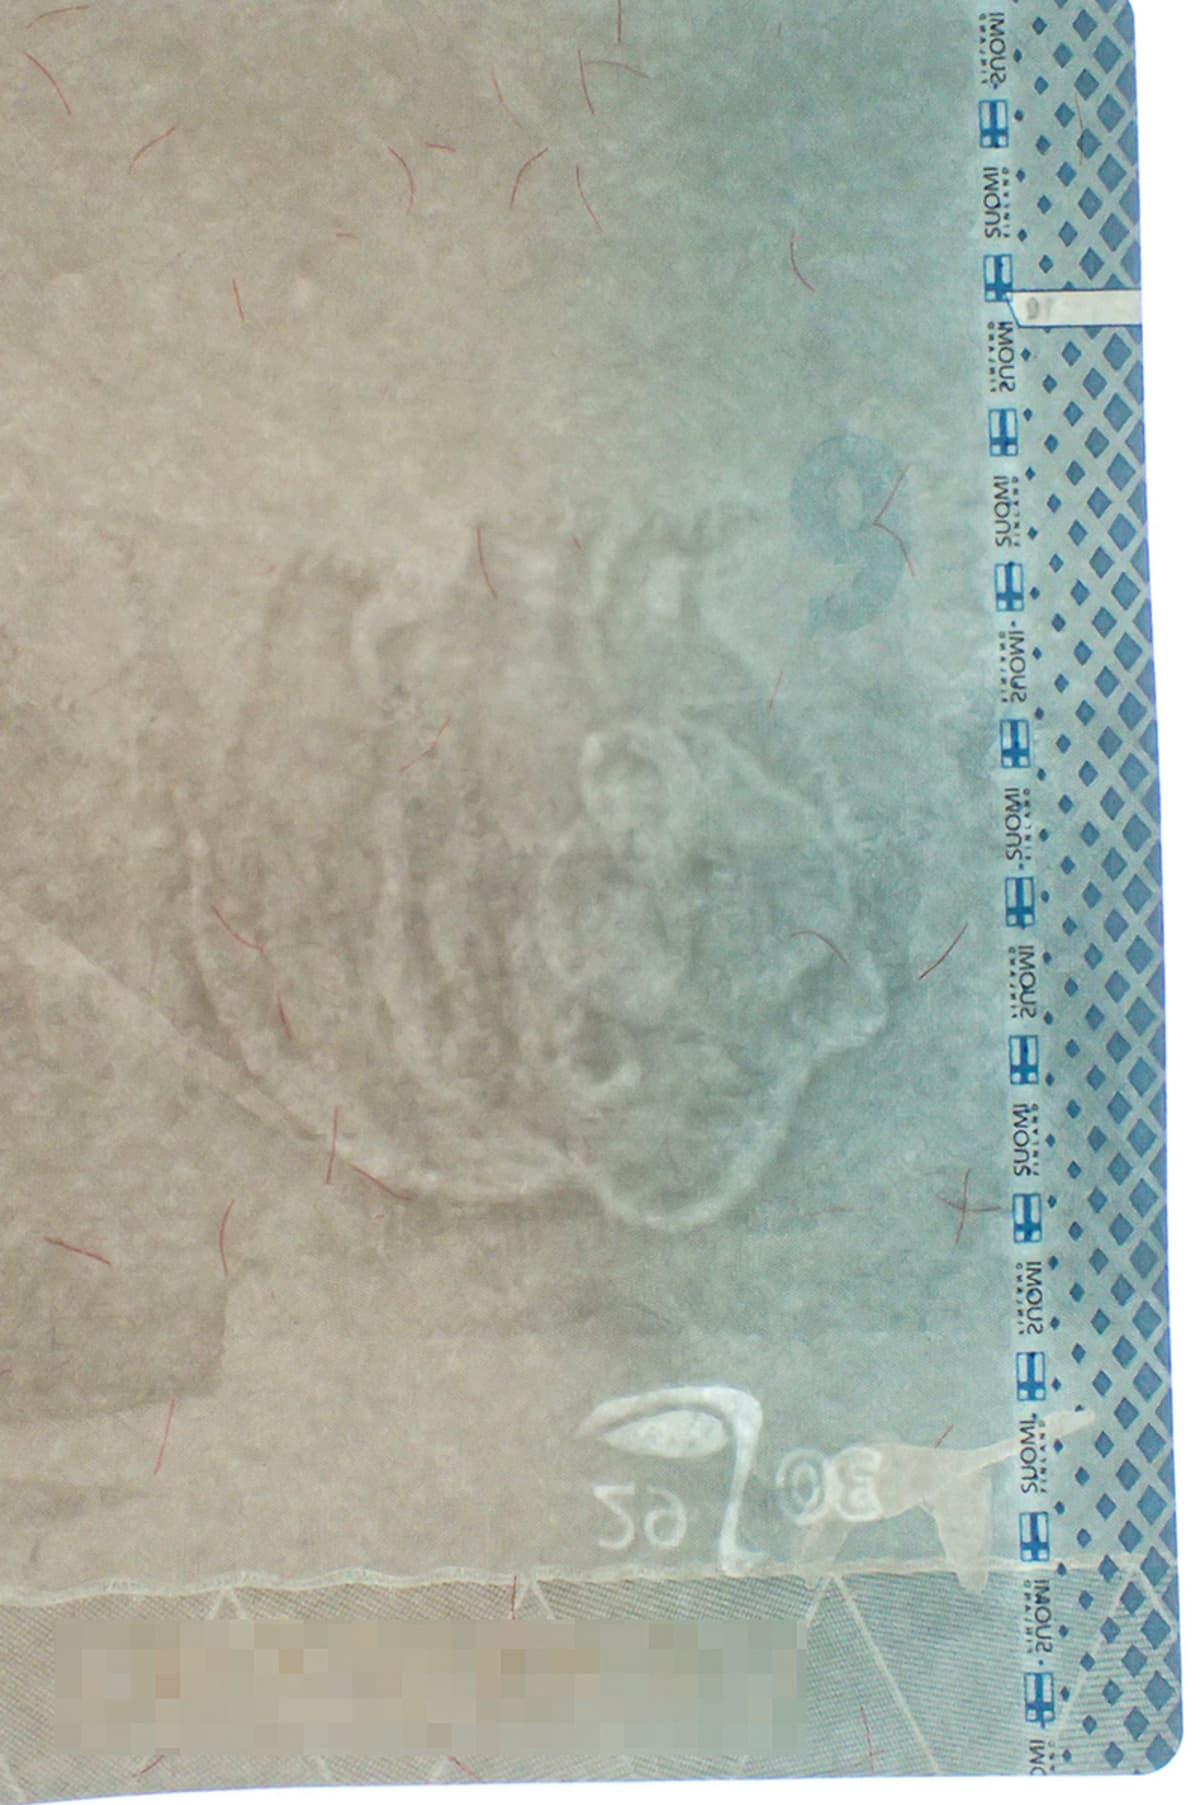 Väärin päin oleva vesileima passi uusi passi